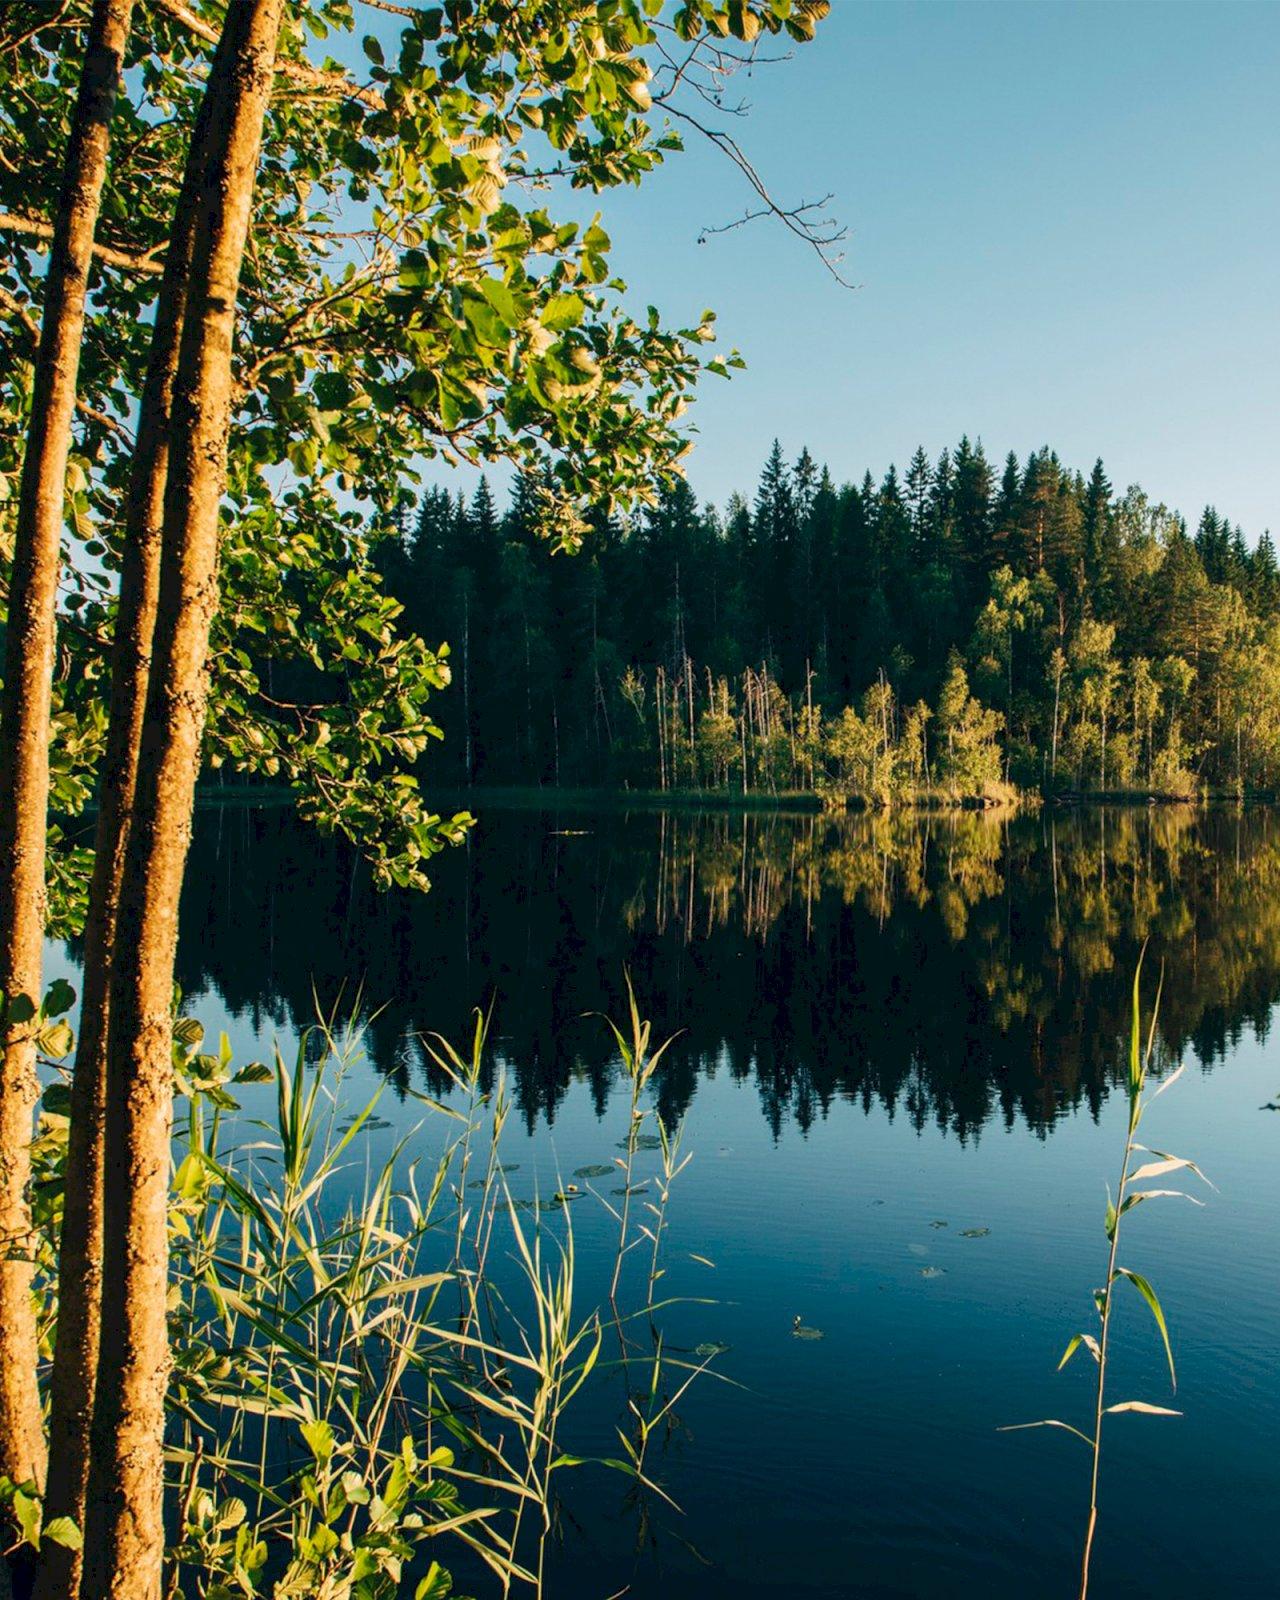 Kesäinen järvimaisema Lapakistossa, Lahdessa.